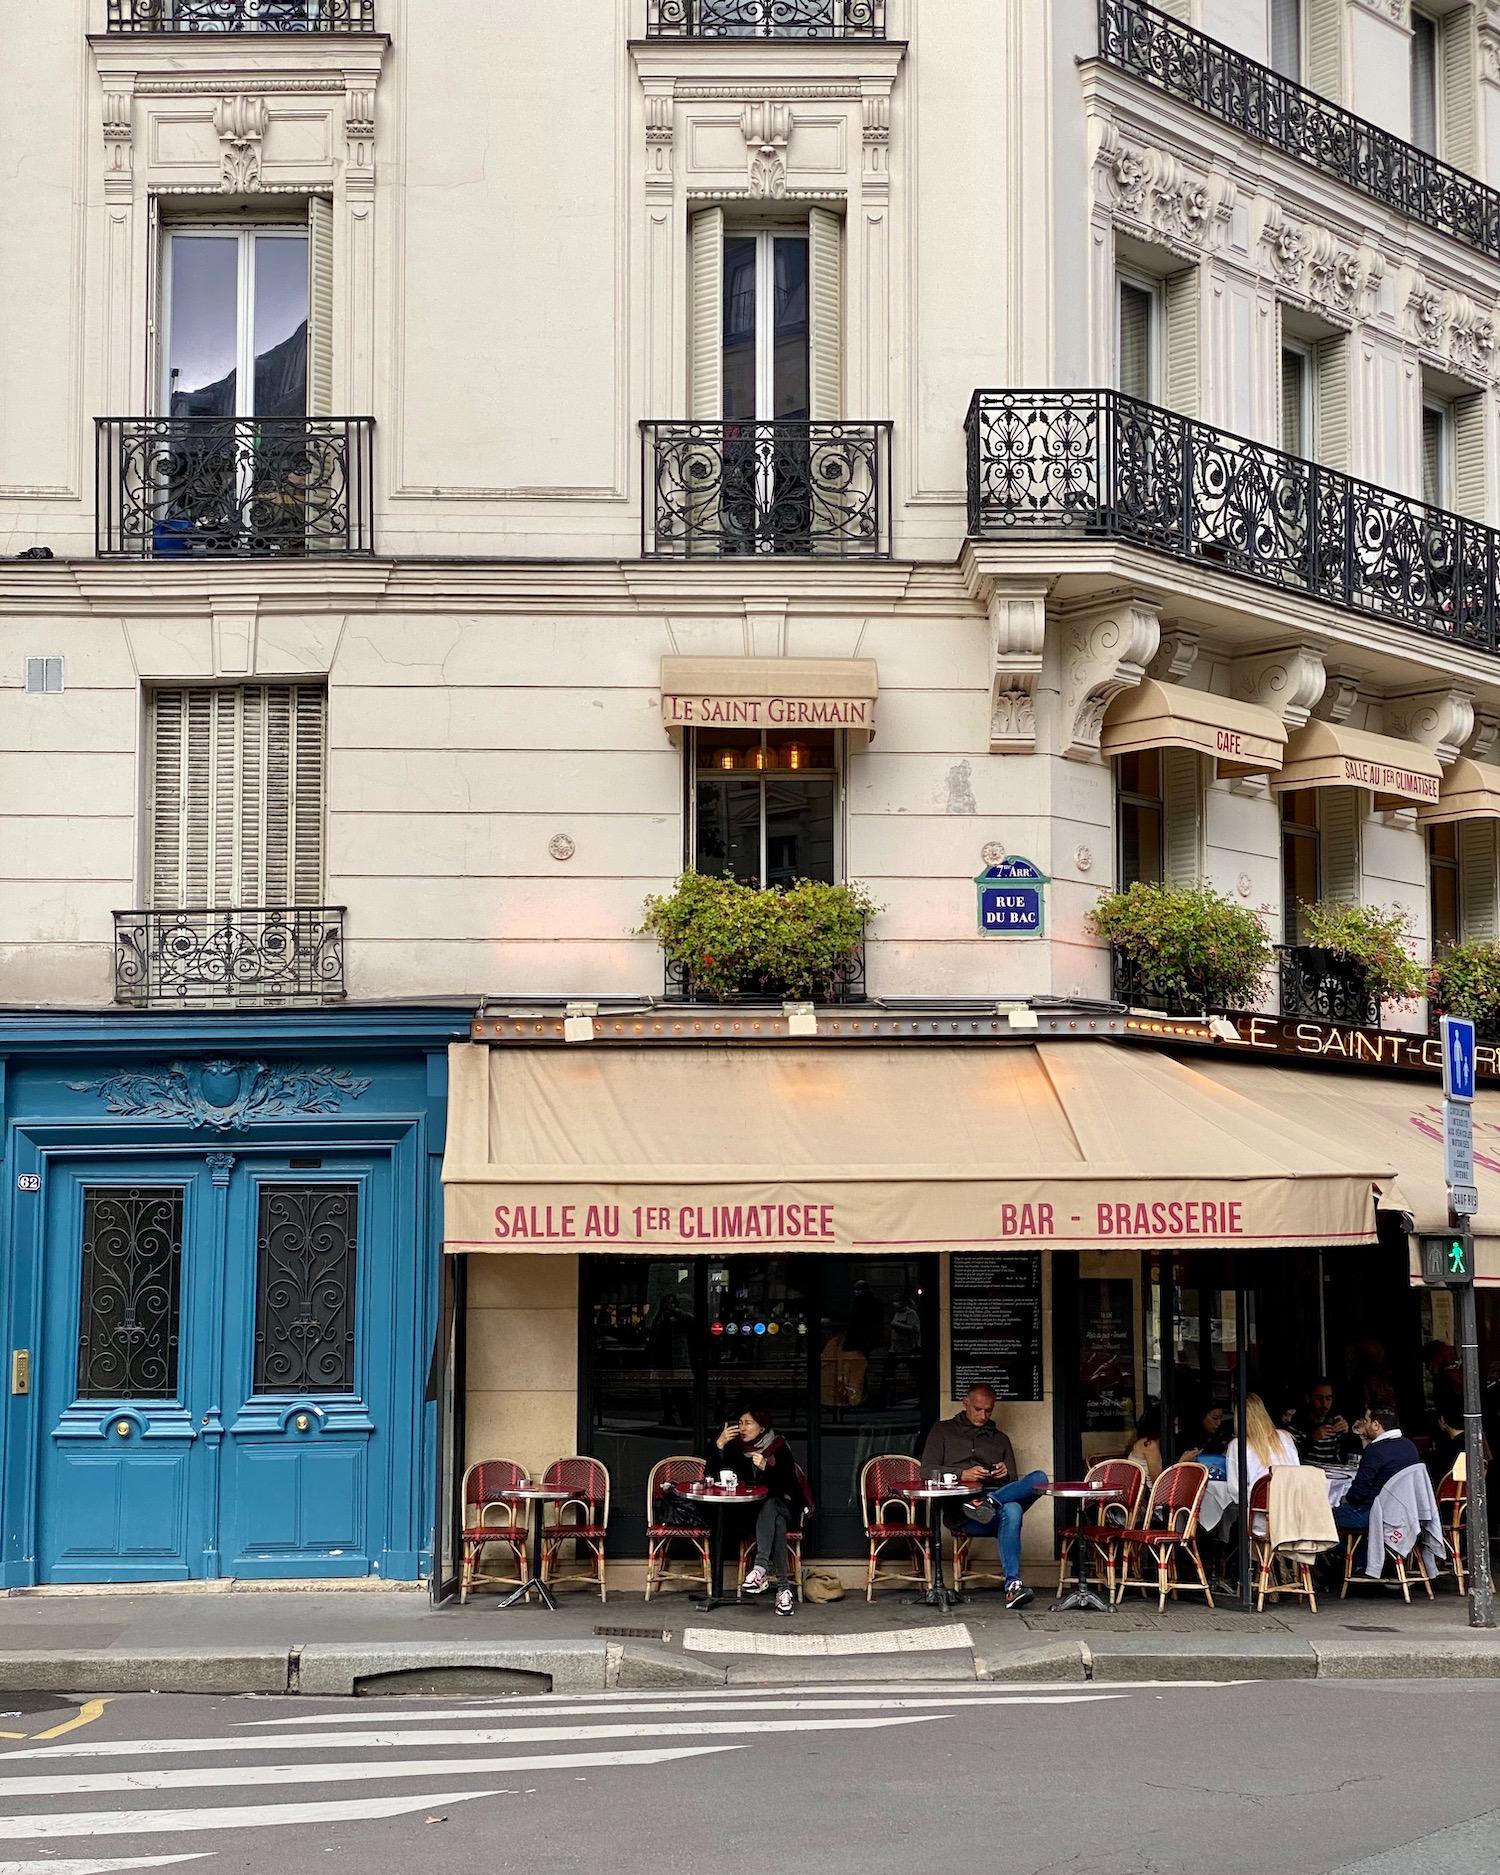 Le saint germain paris cafe